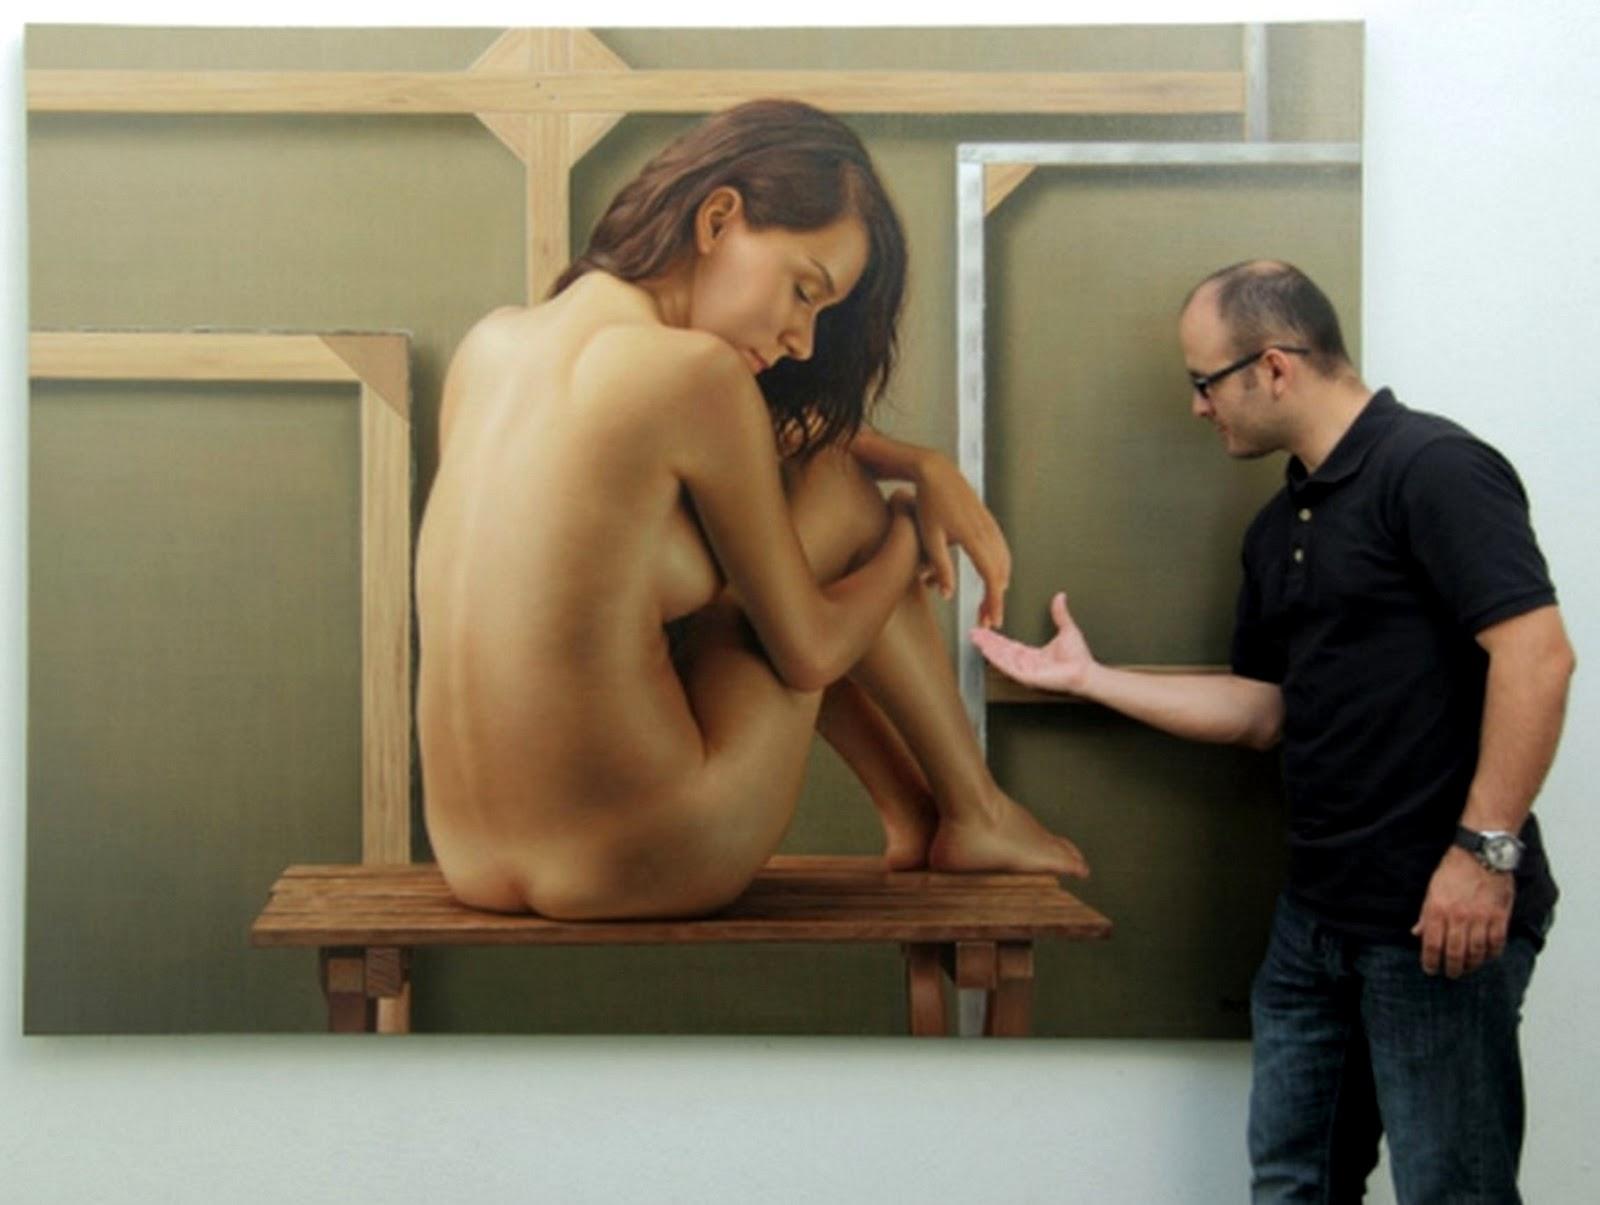 Los mejores desnudos femeninos de la historia del arte